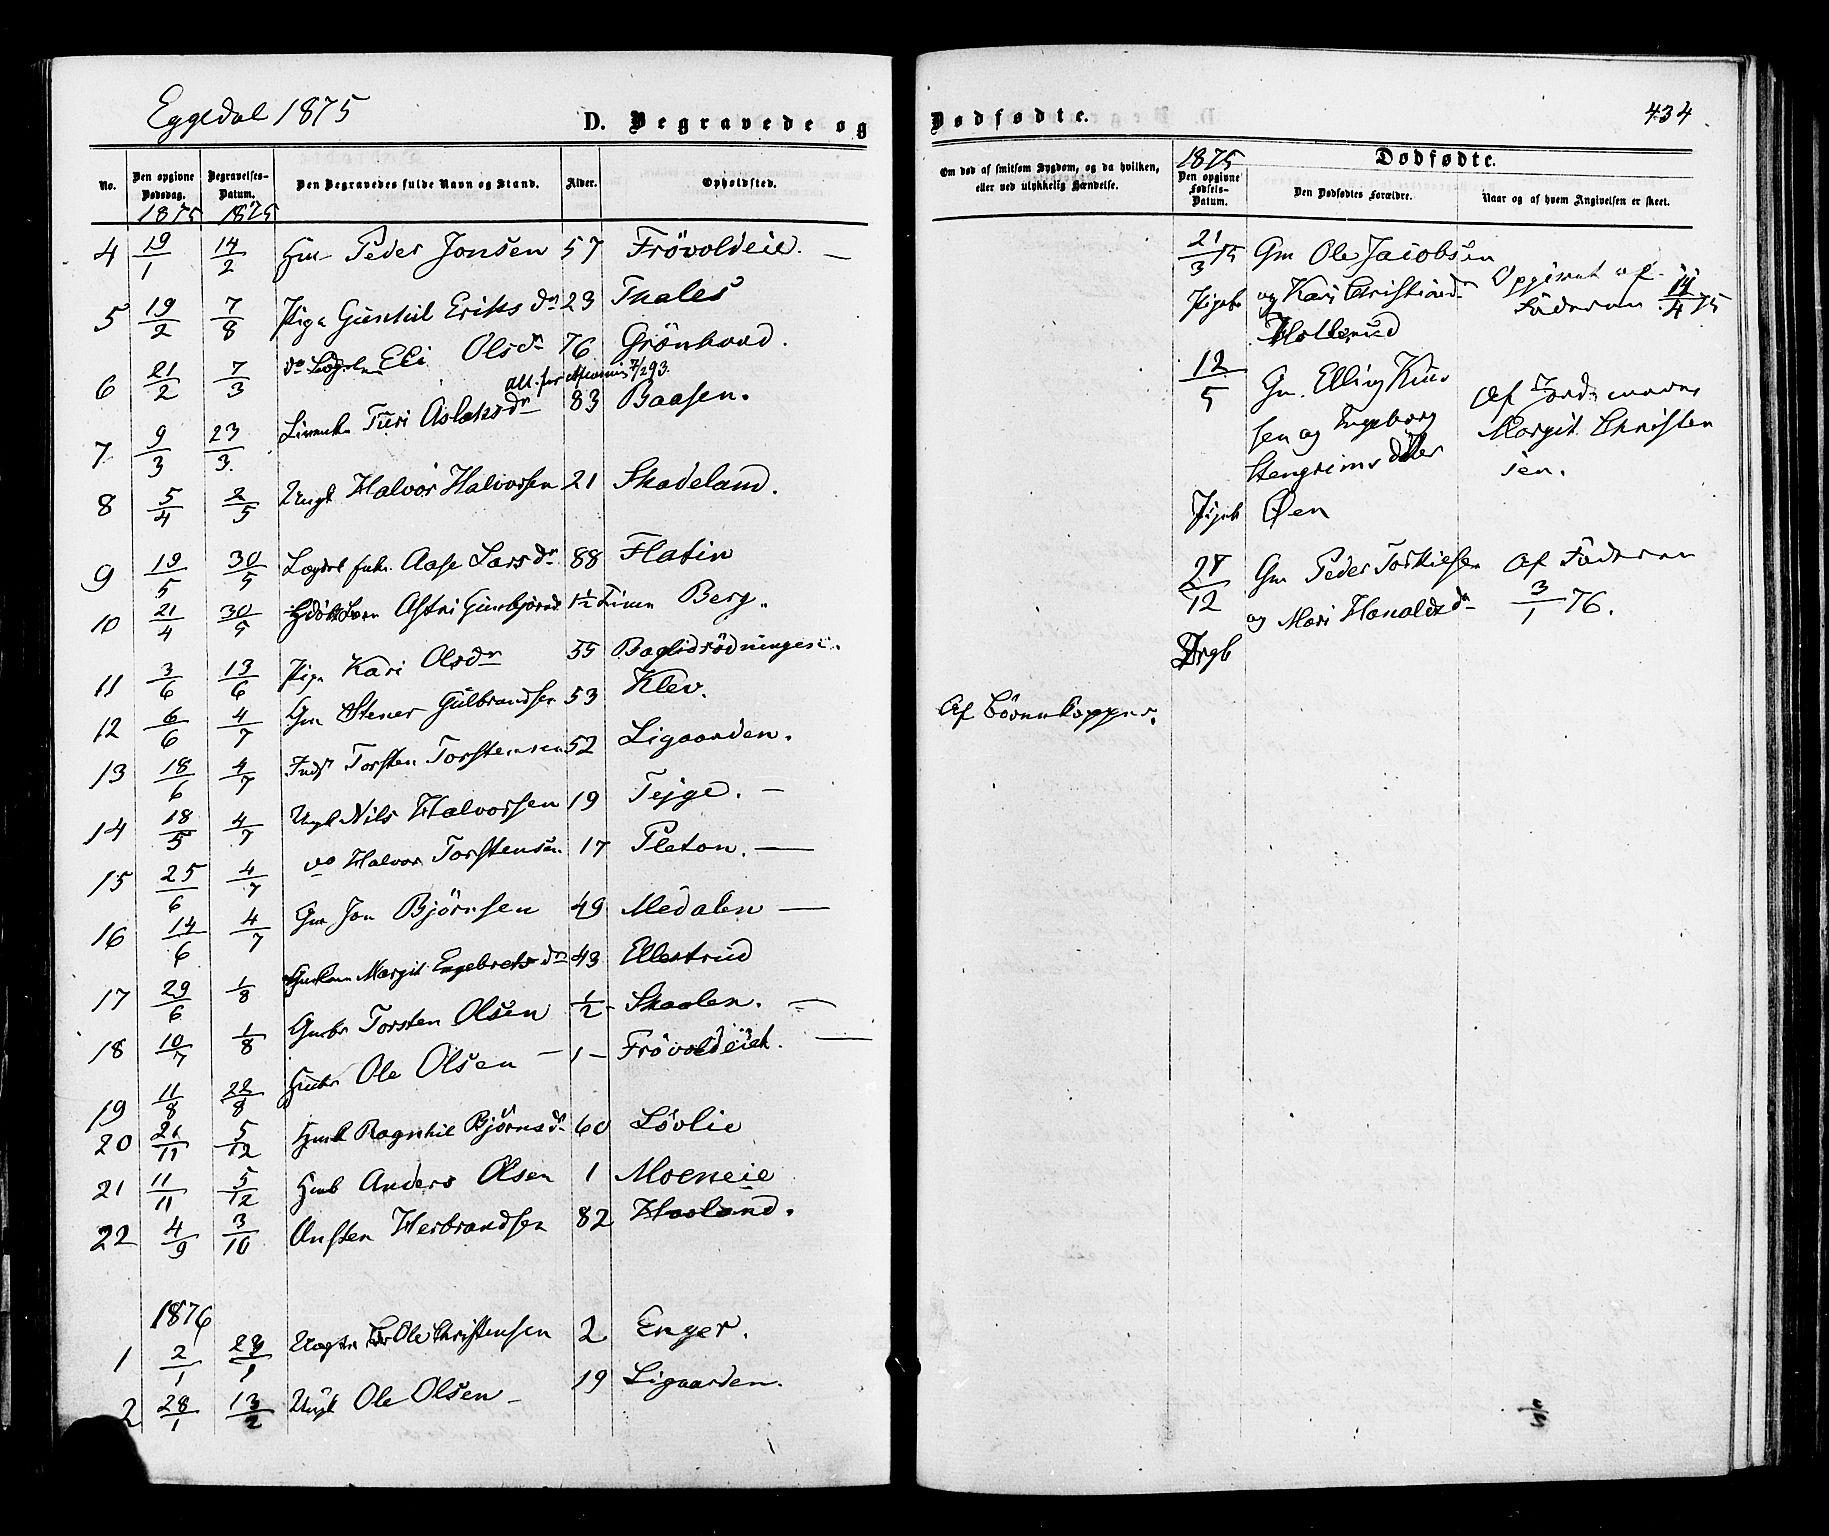 SAKO, Sigdal kirkebøker, F/Fa/L0010: Ministerialbok nr. I 10 /3, 1872-1878, s. 434